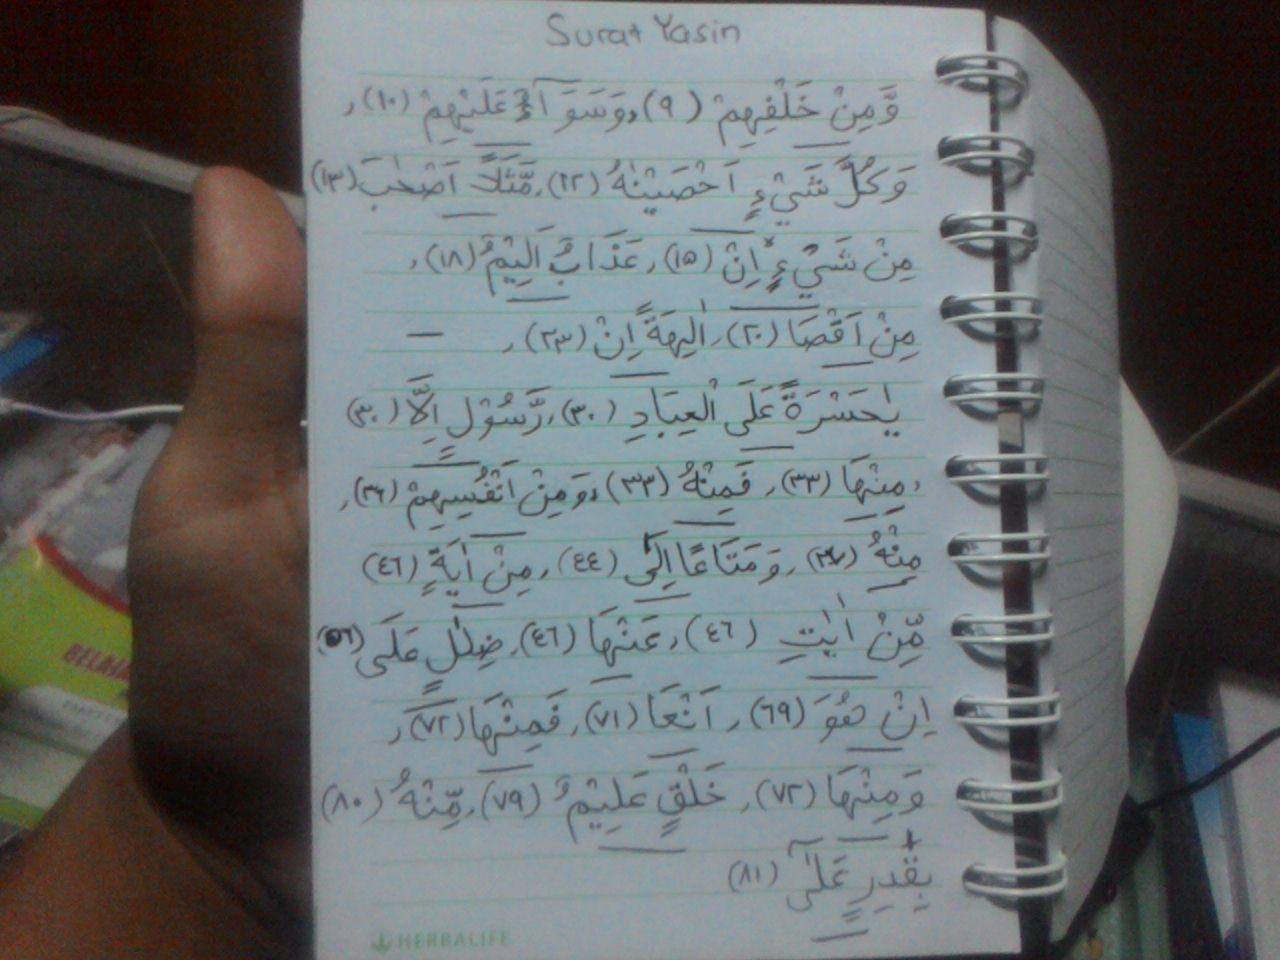 Tuliskan Contoh Izhar Halqi Dari Surat Yasin Saya Butuh Semua